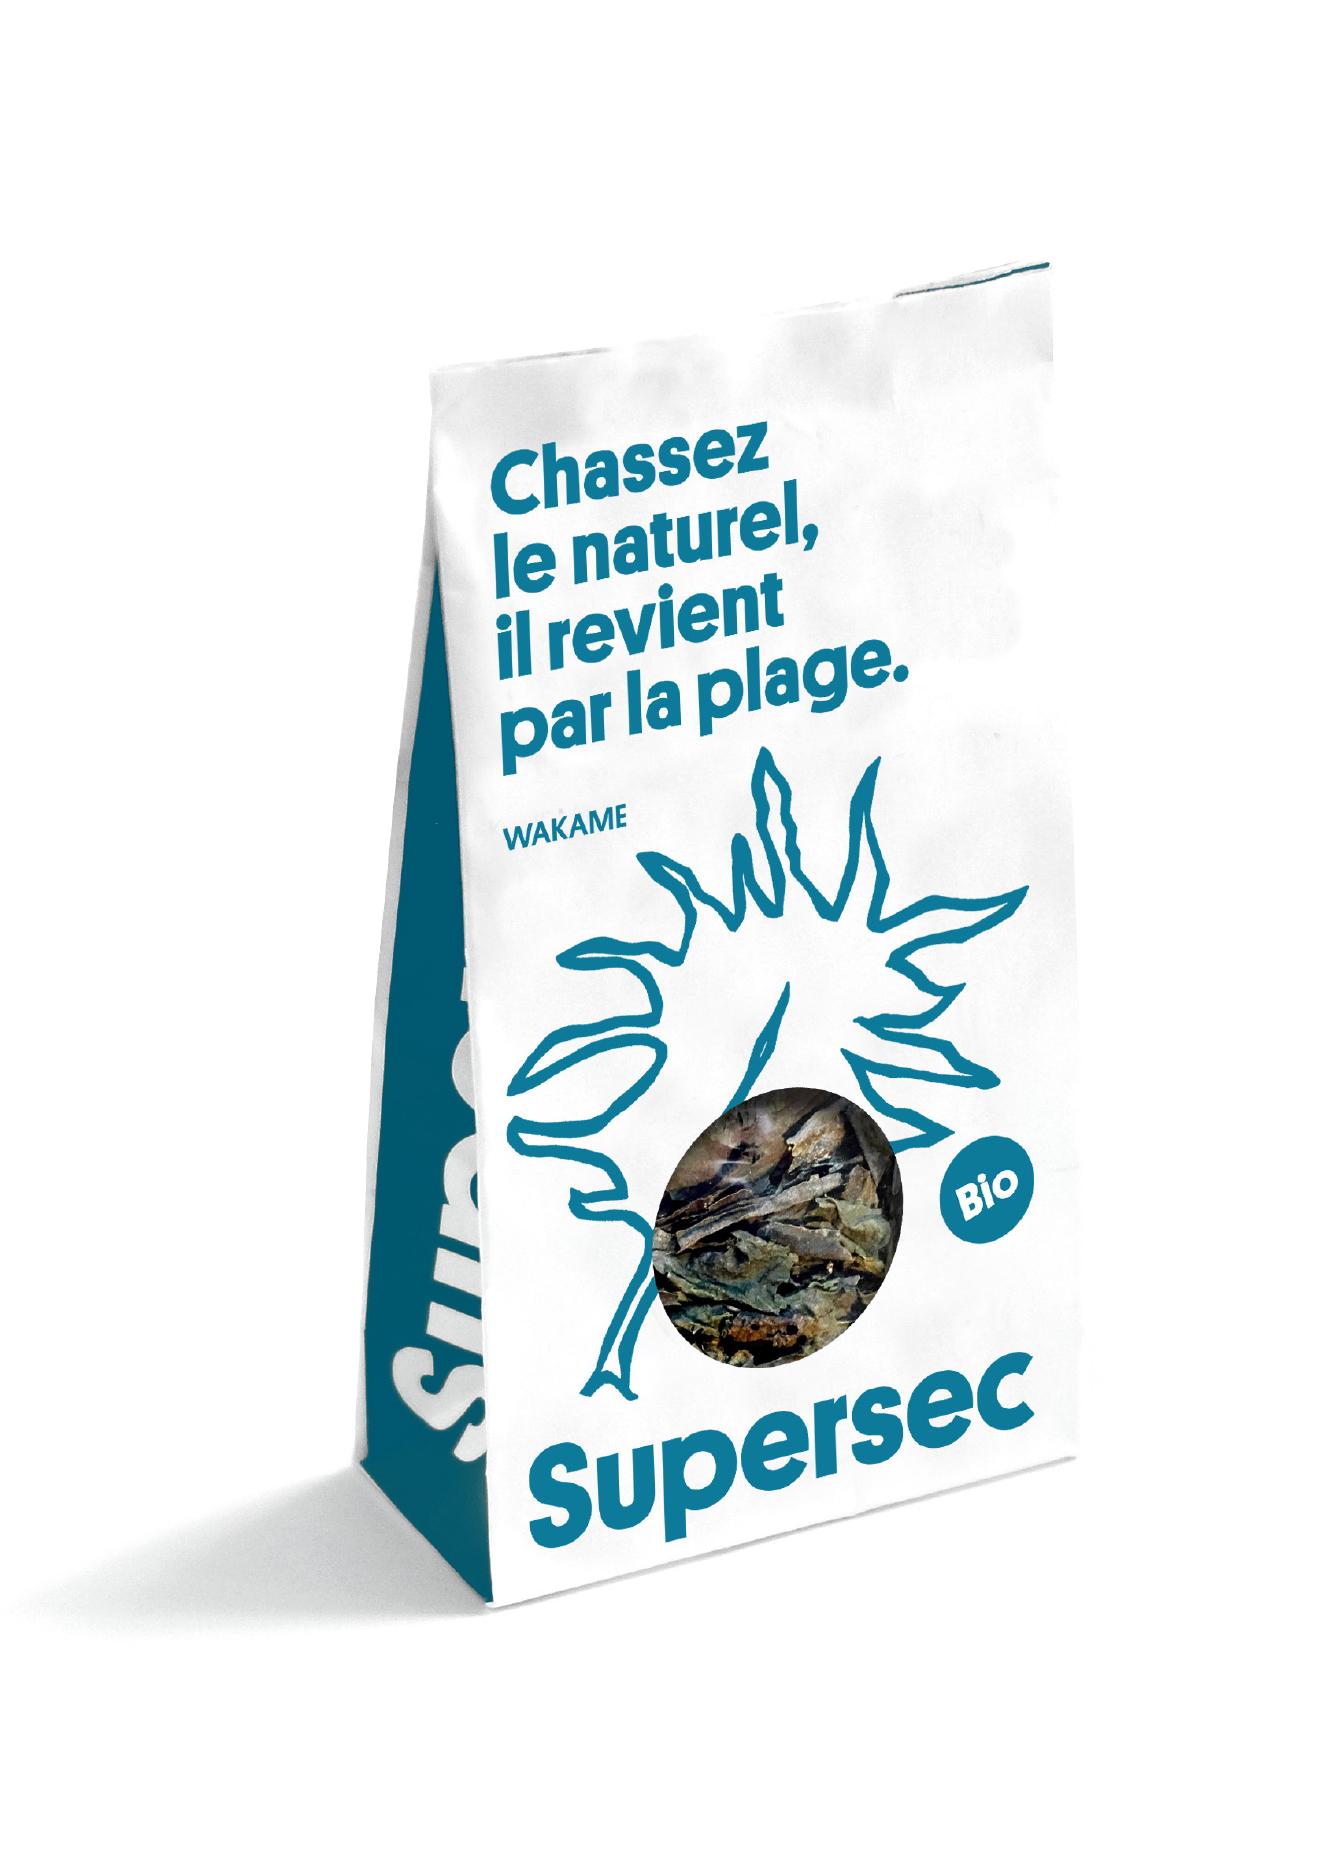 Sachet de Wakame, algues bio séchée par Supersec